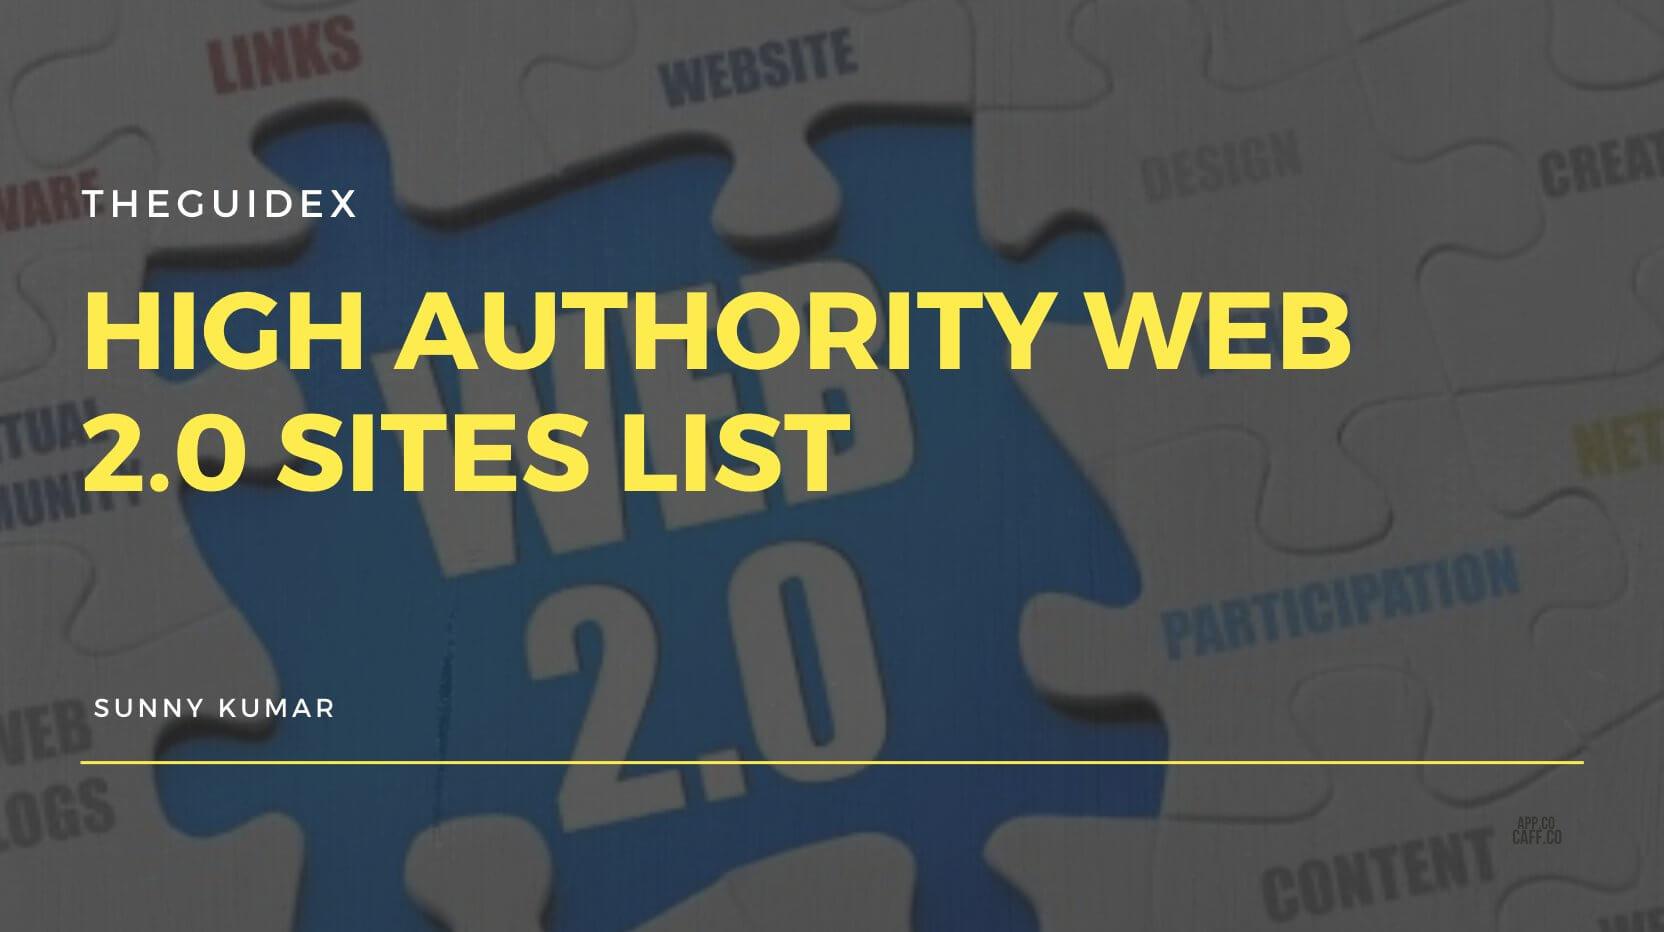 Web 2.0 Site List, Web 2.0 Submission Sites